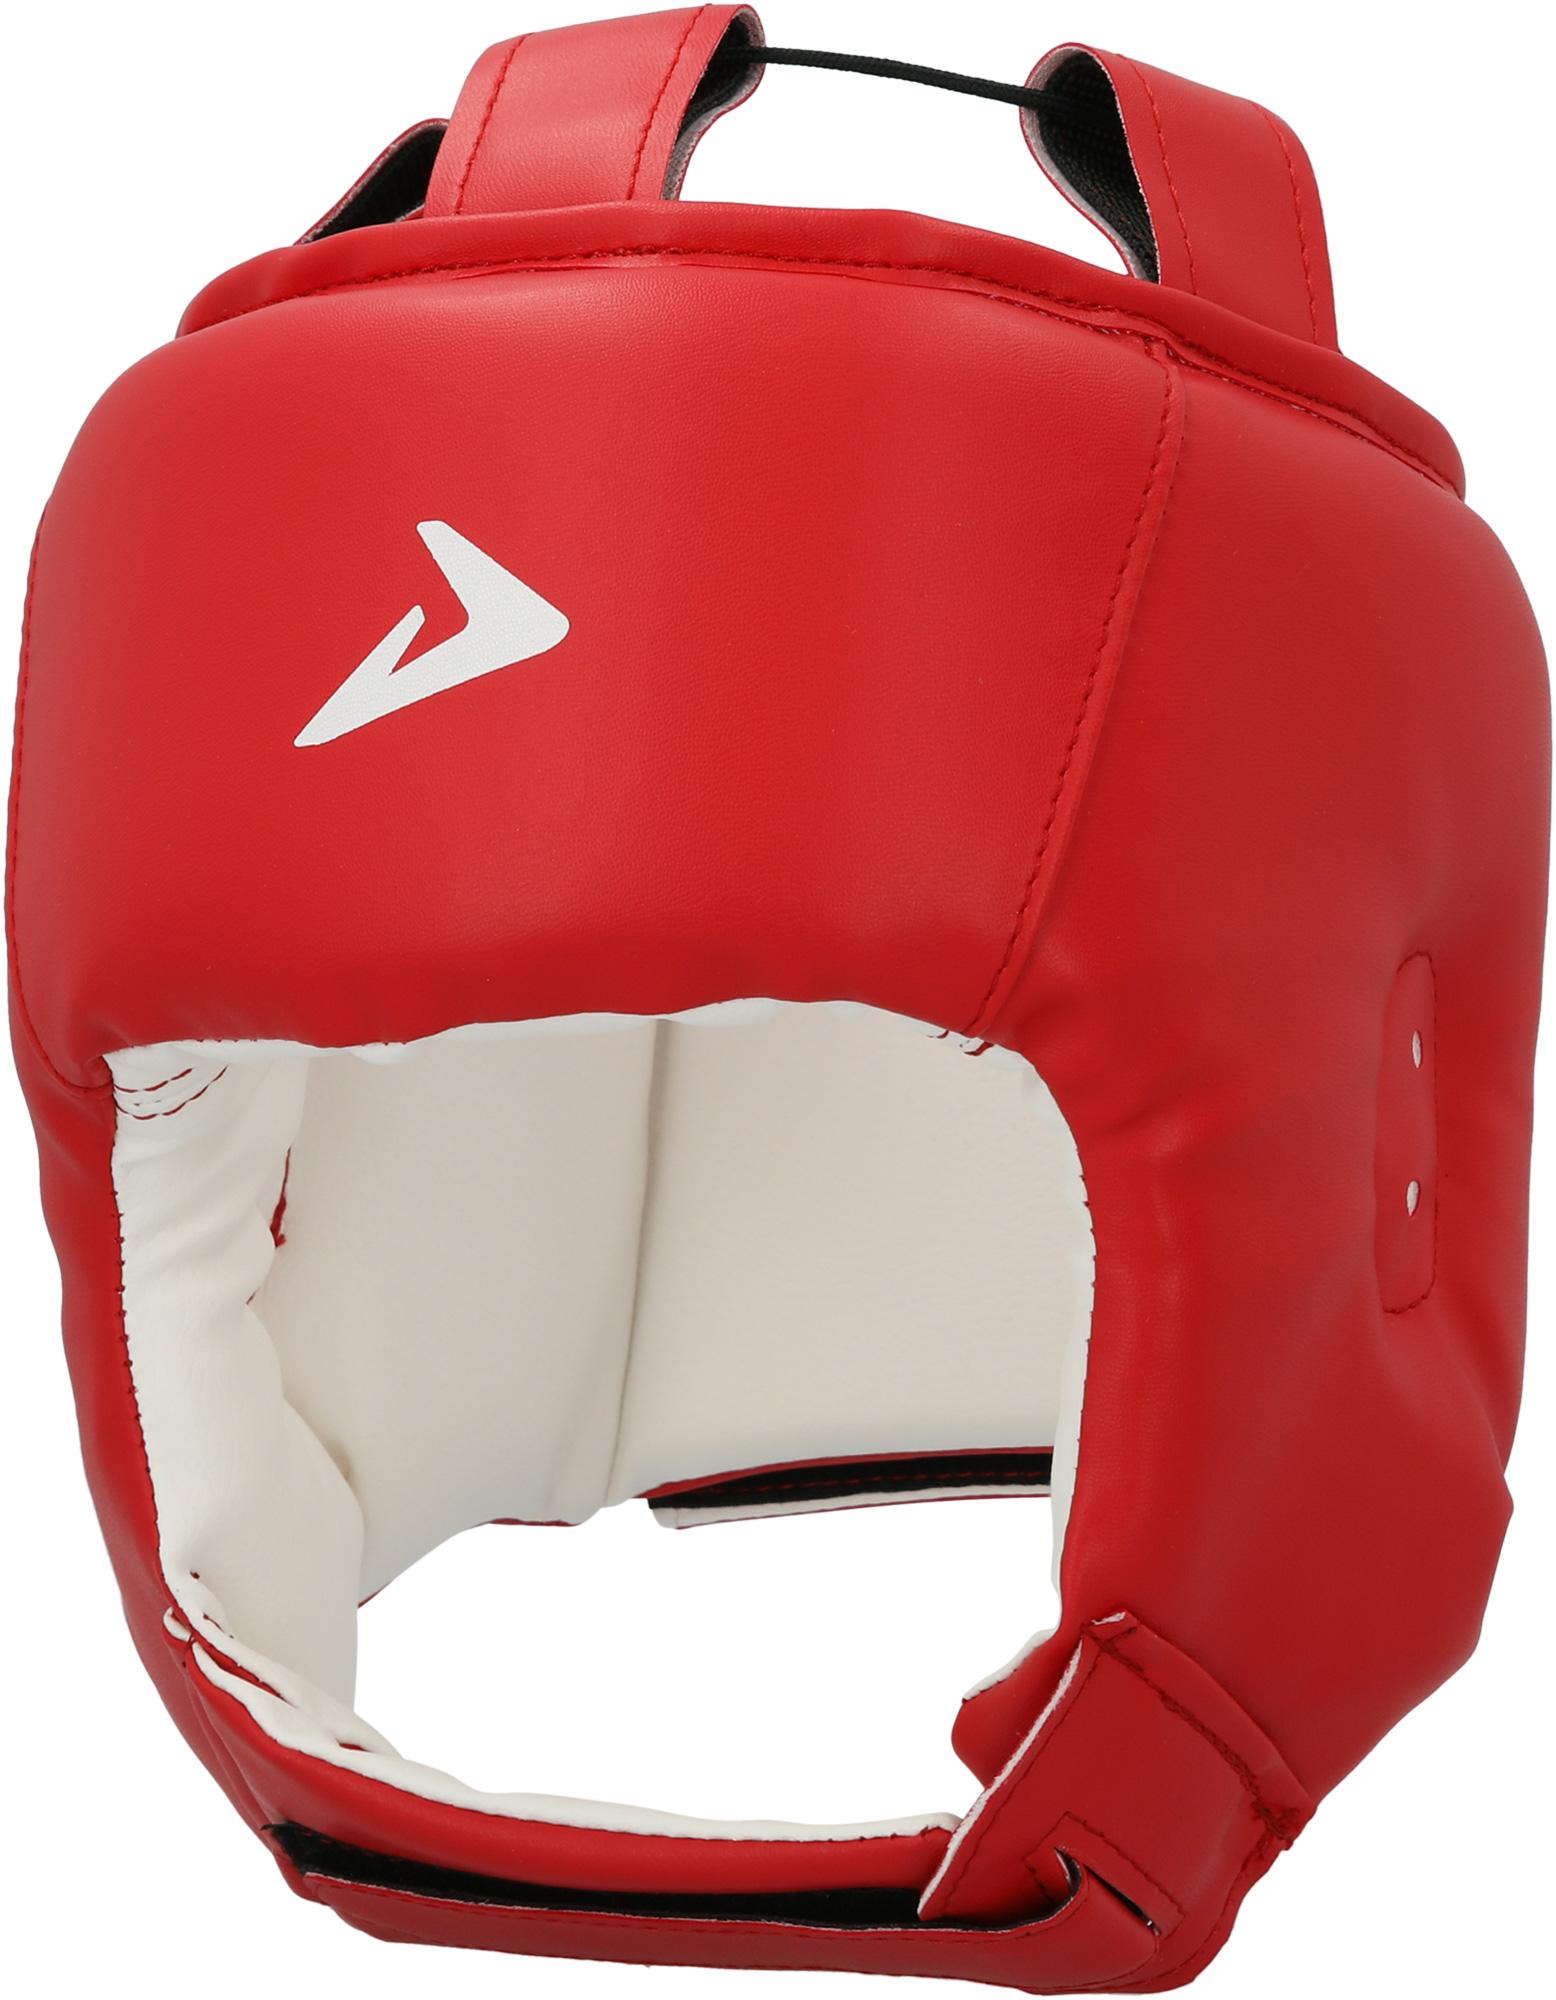 Demix Шлем детский, Красный, XS платье oodji ultra цвет красный белый 14001071 13 46148 4512s размер xs 42 170